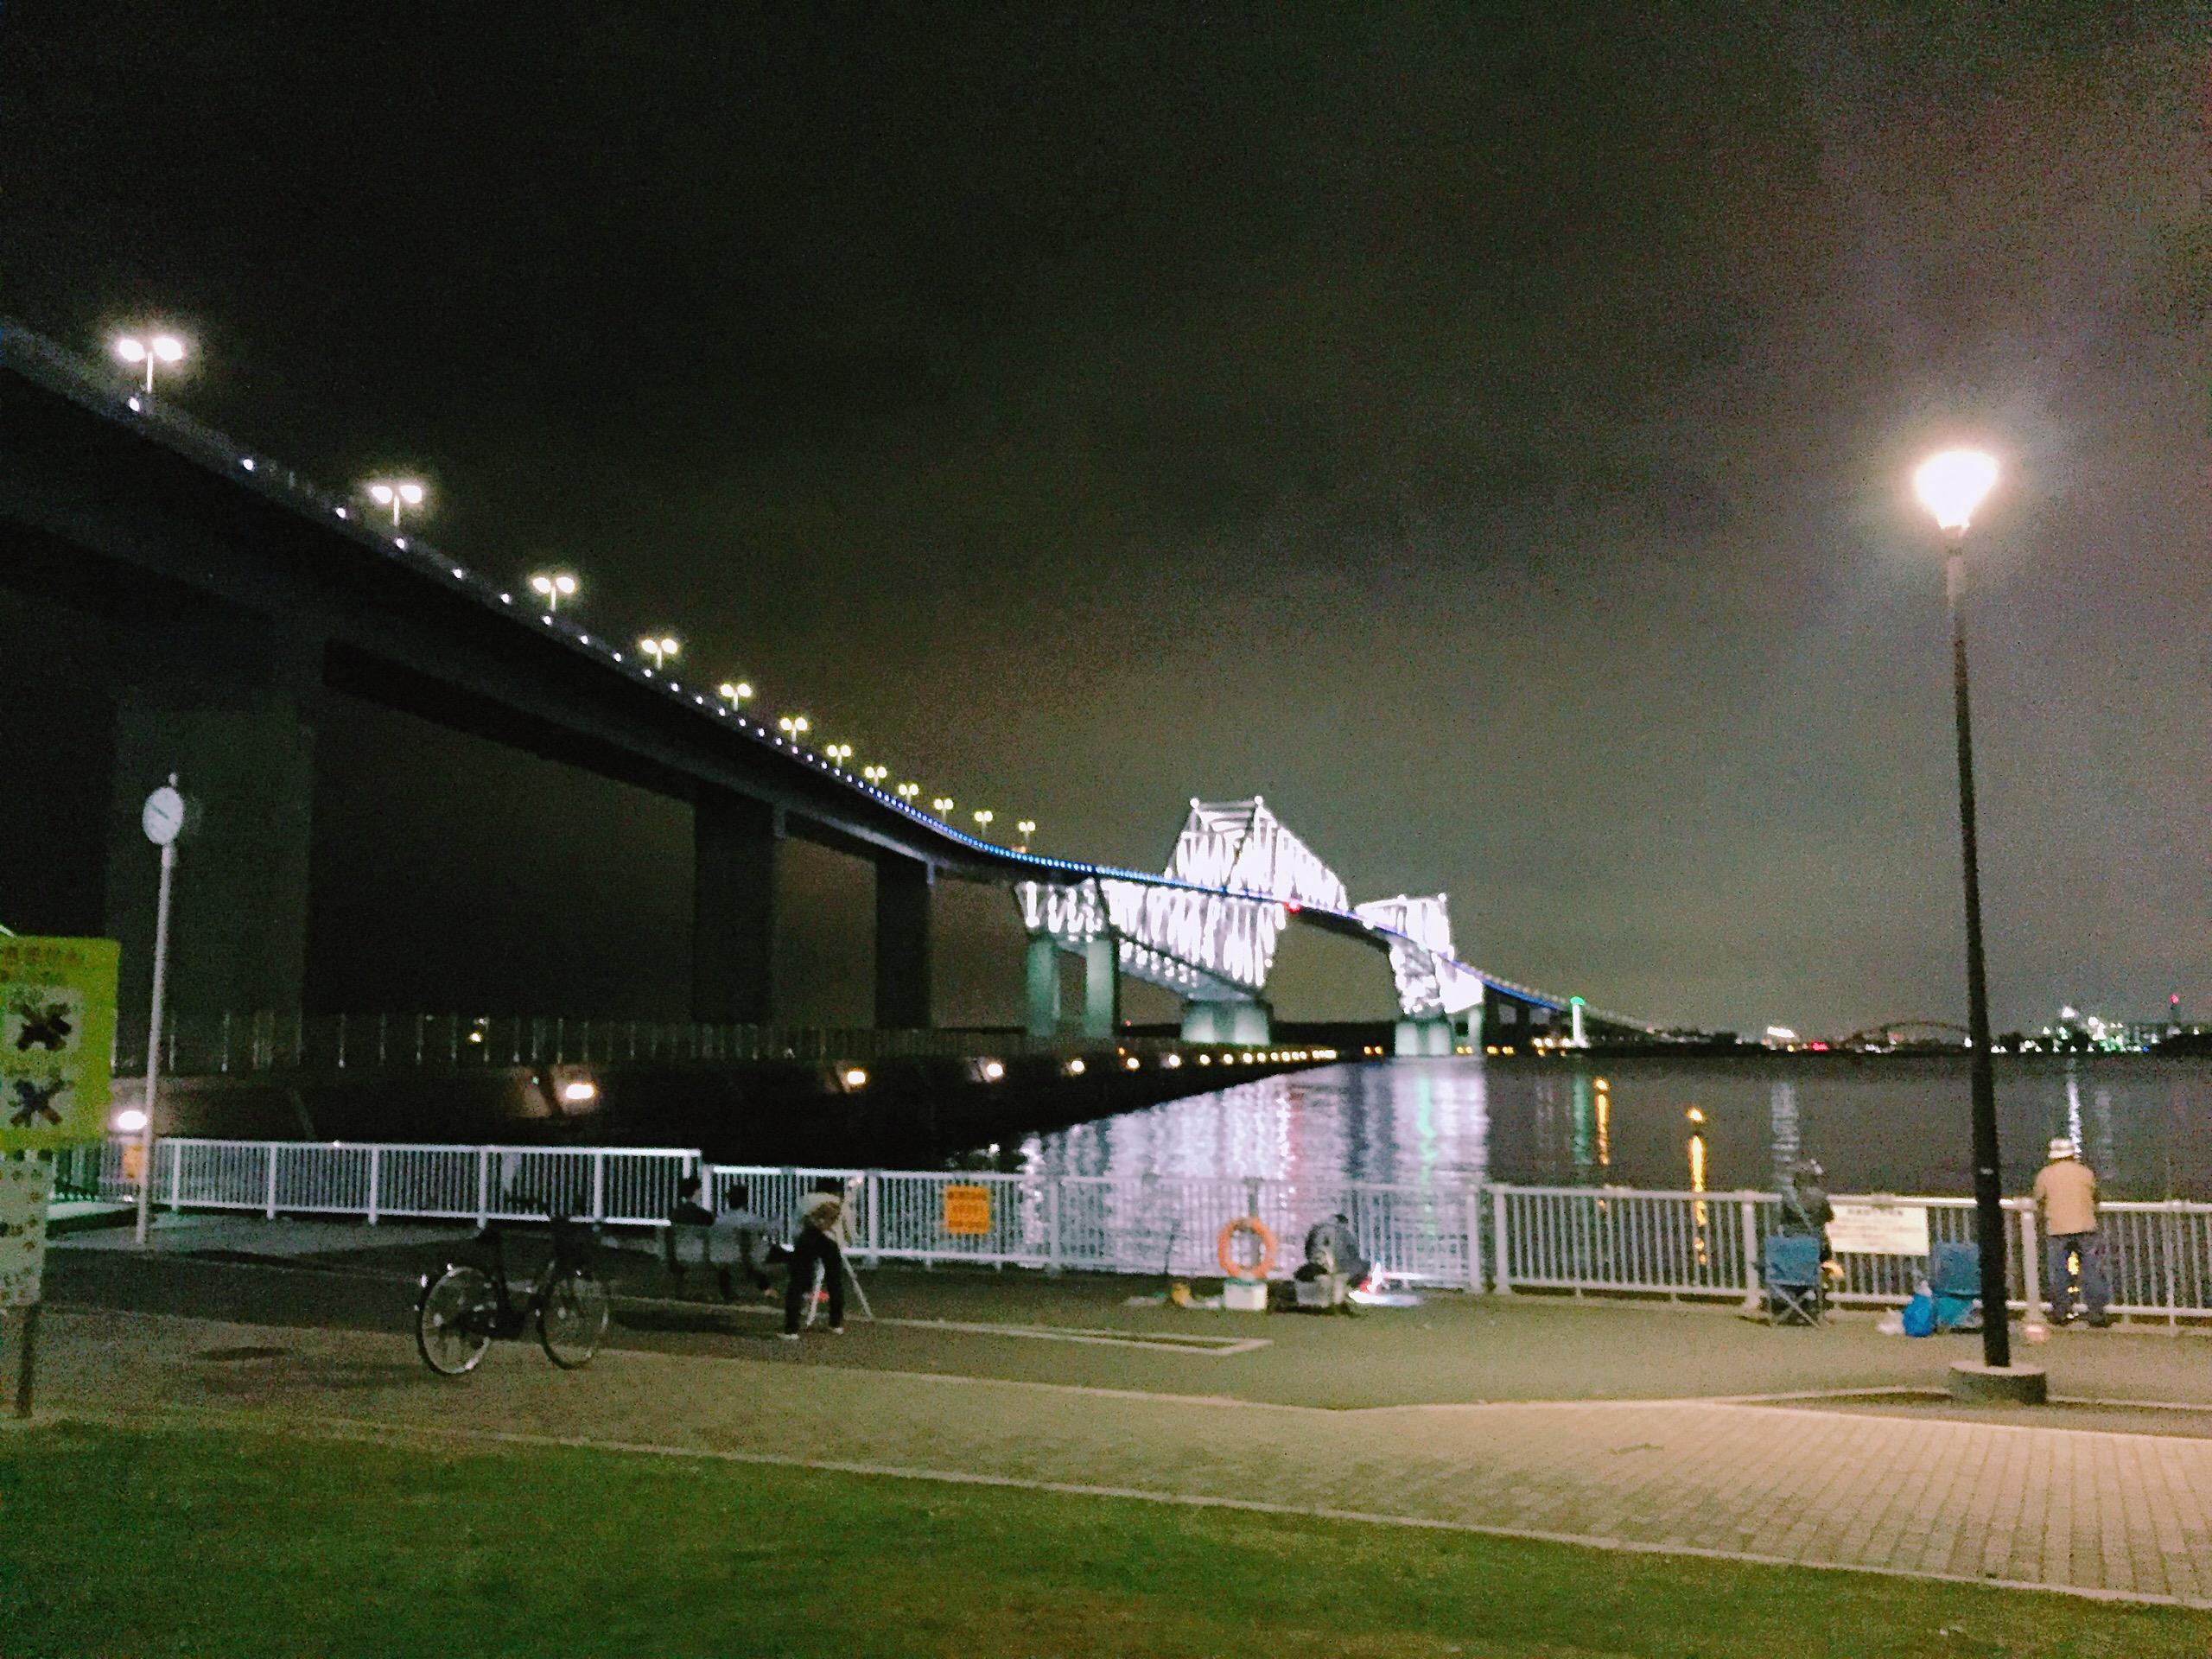 ゲートブリッジ・レインボーブリッジ 千葉市川から25分!!!